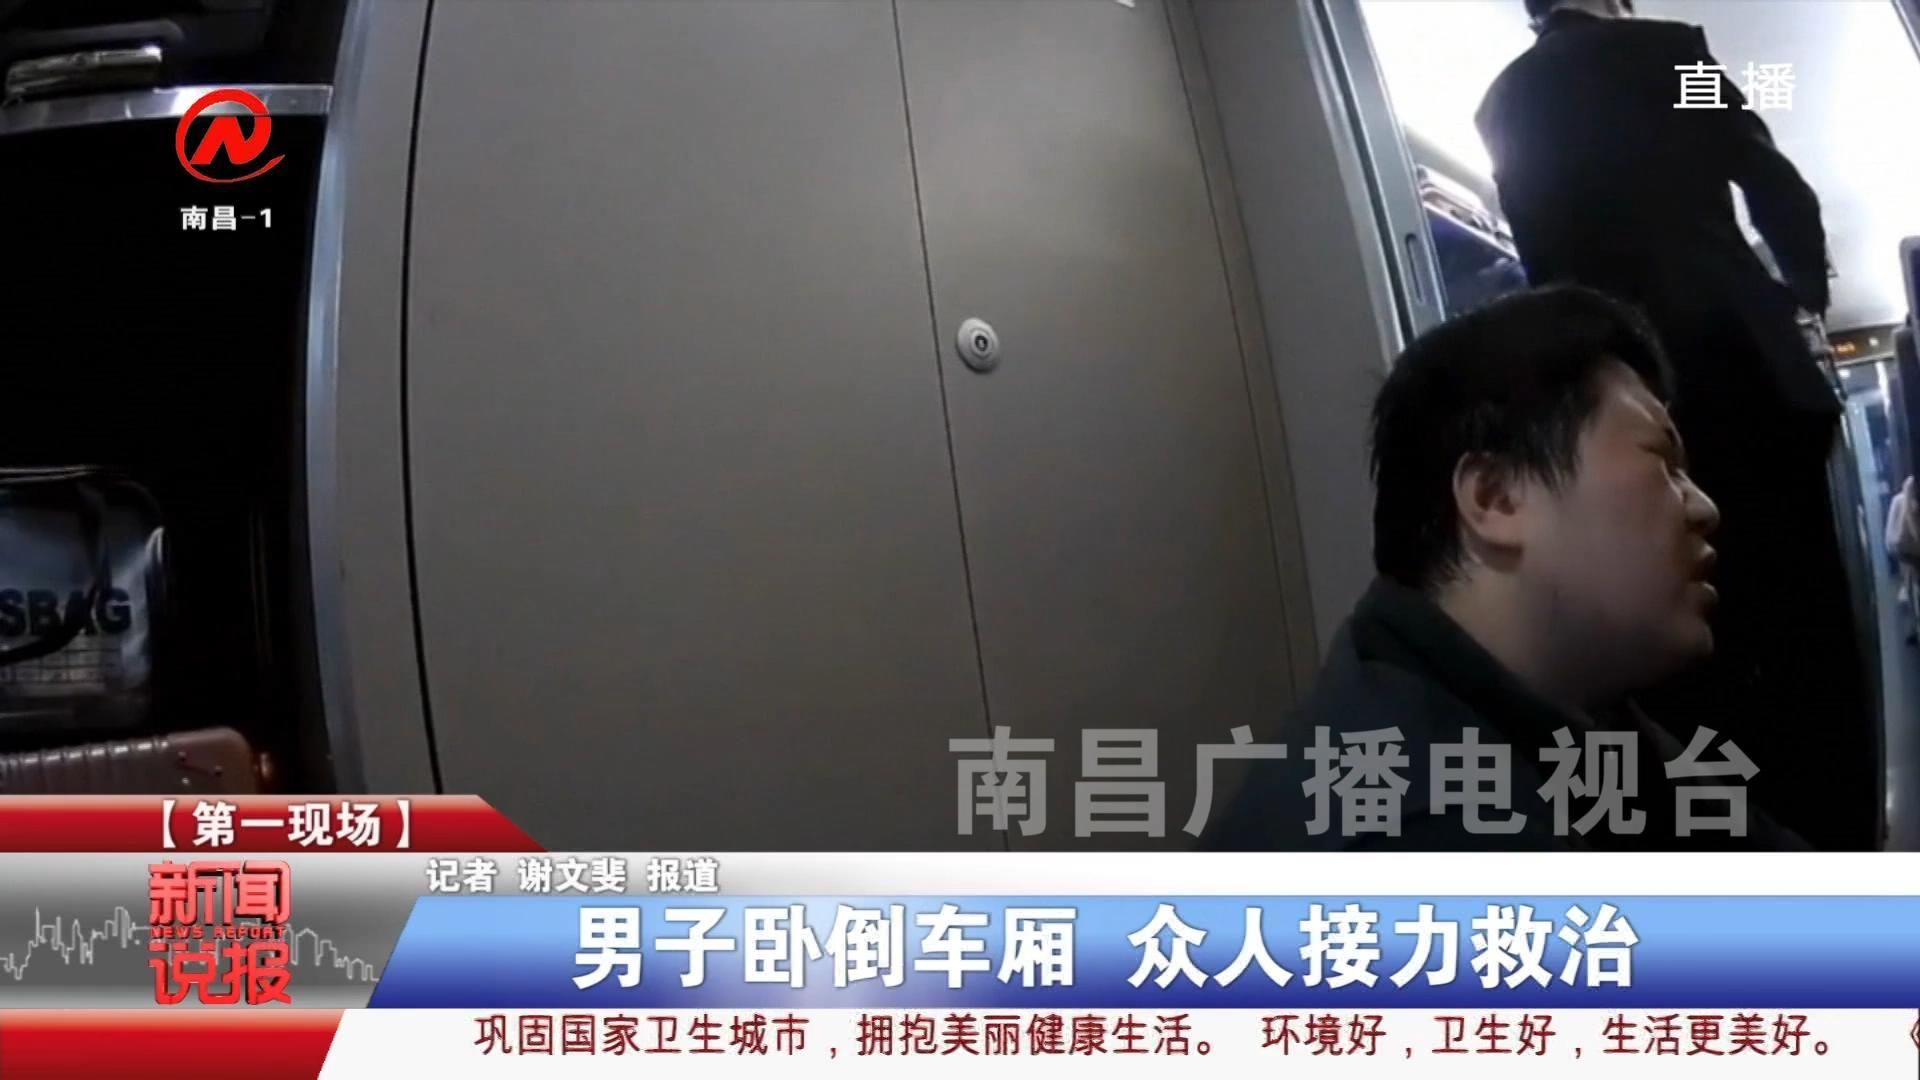 男子卧倒车厢 众人接力救治